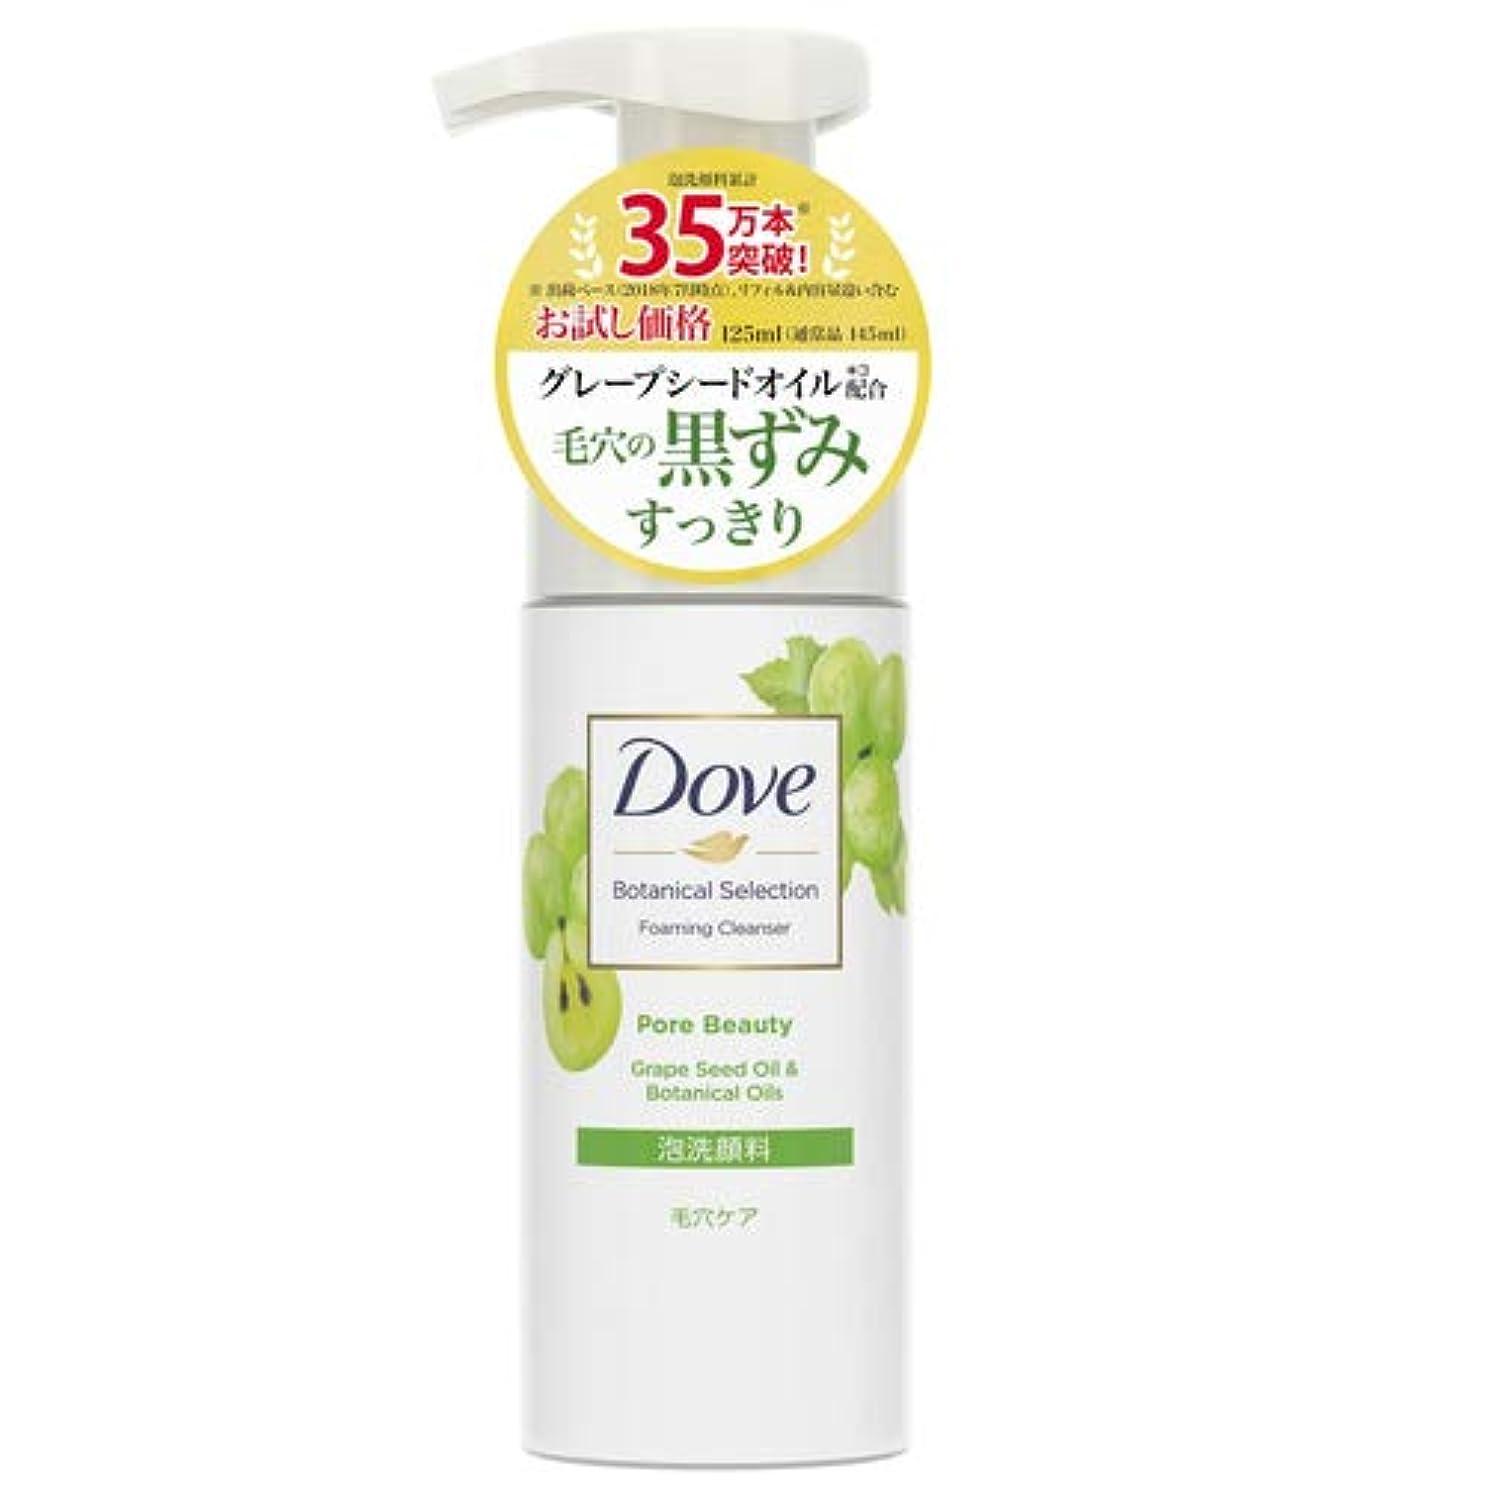 検索みがきますステッチDove(ダヴ) ダヴBポアビューティー泡洗顔お試し価格品125ML